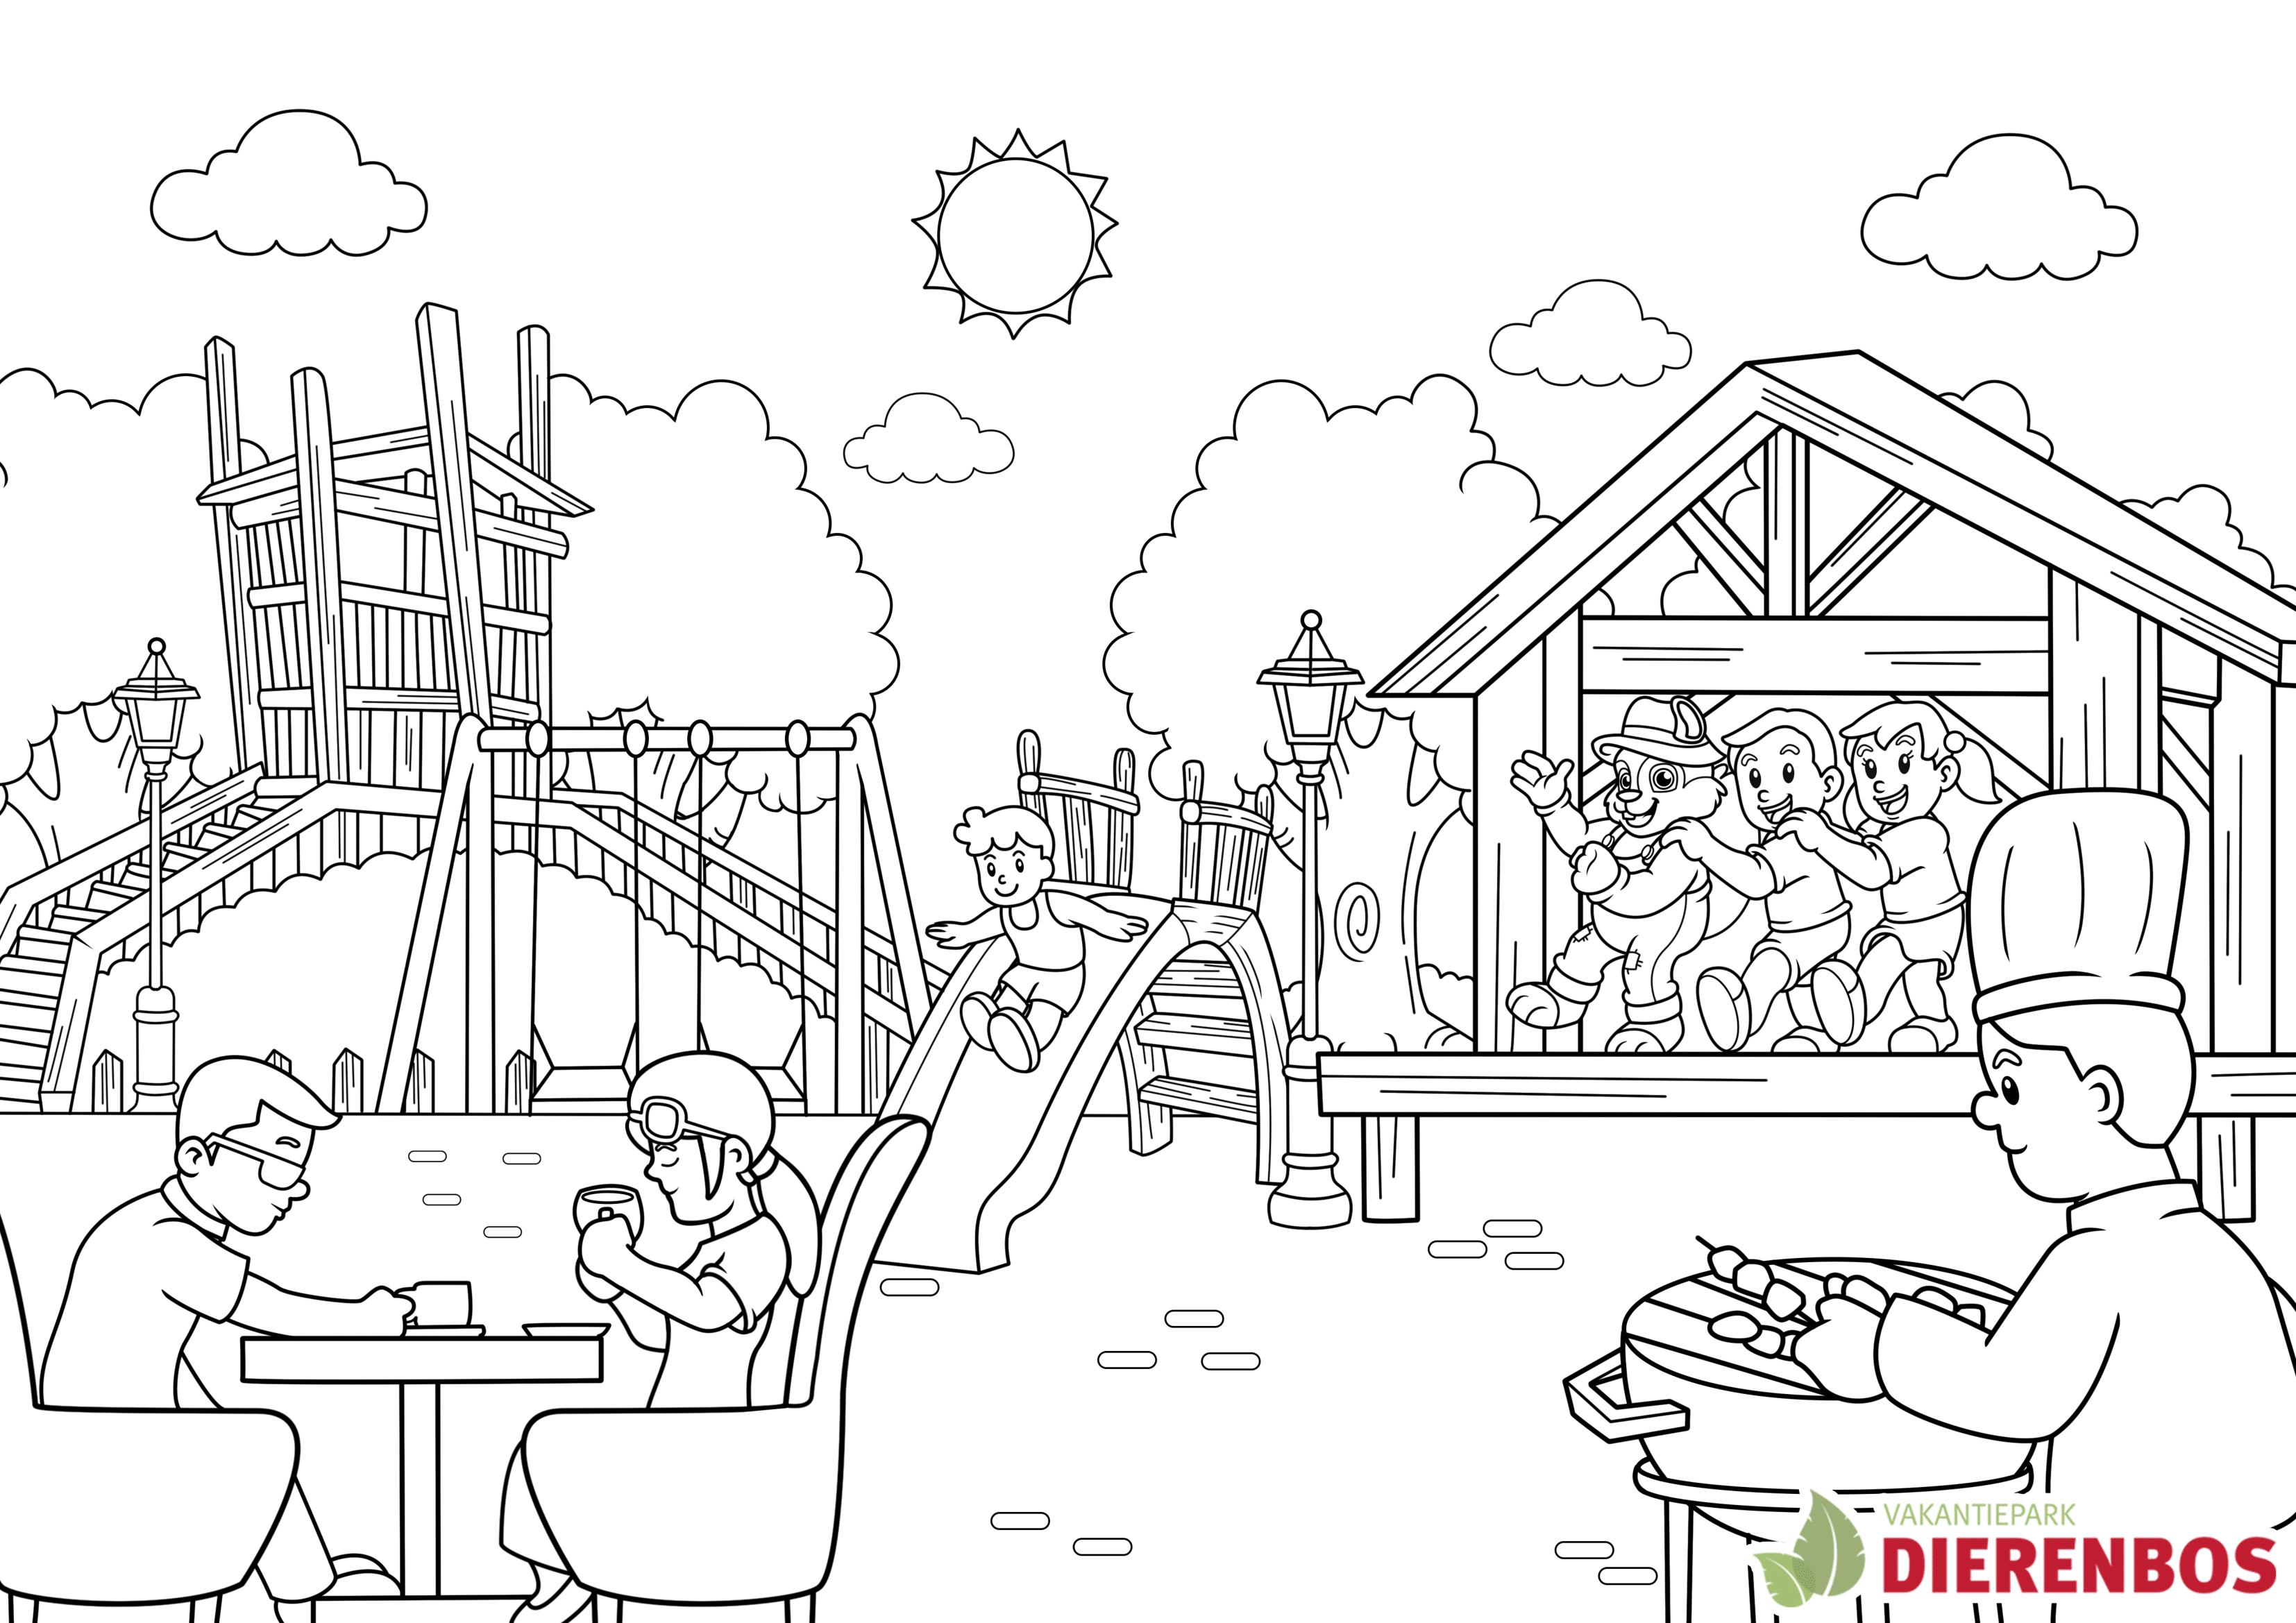 dierenbos-jibo-colouringplate-v2-1.png